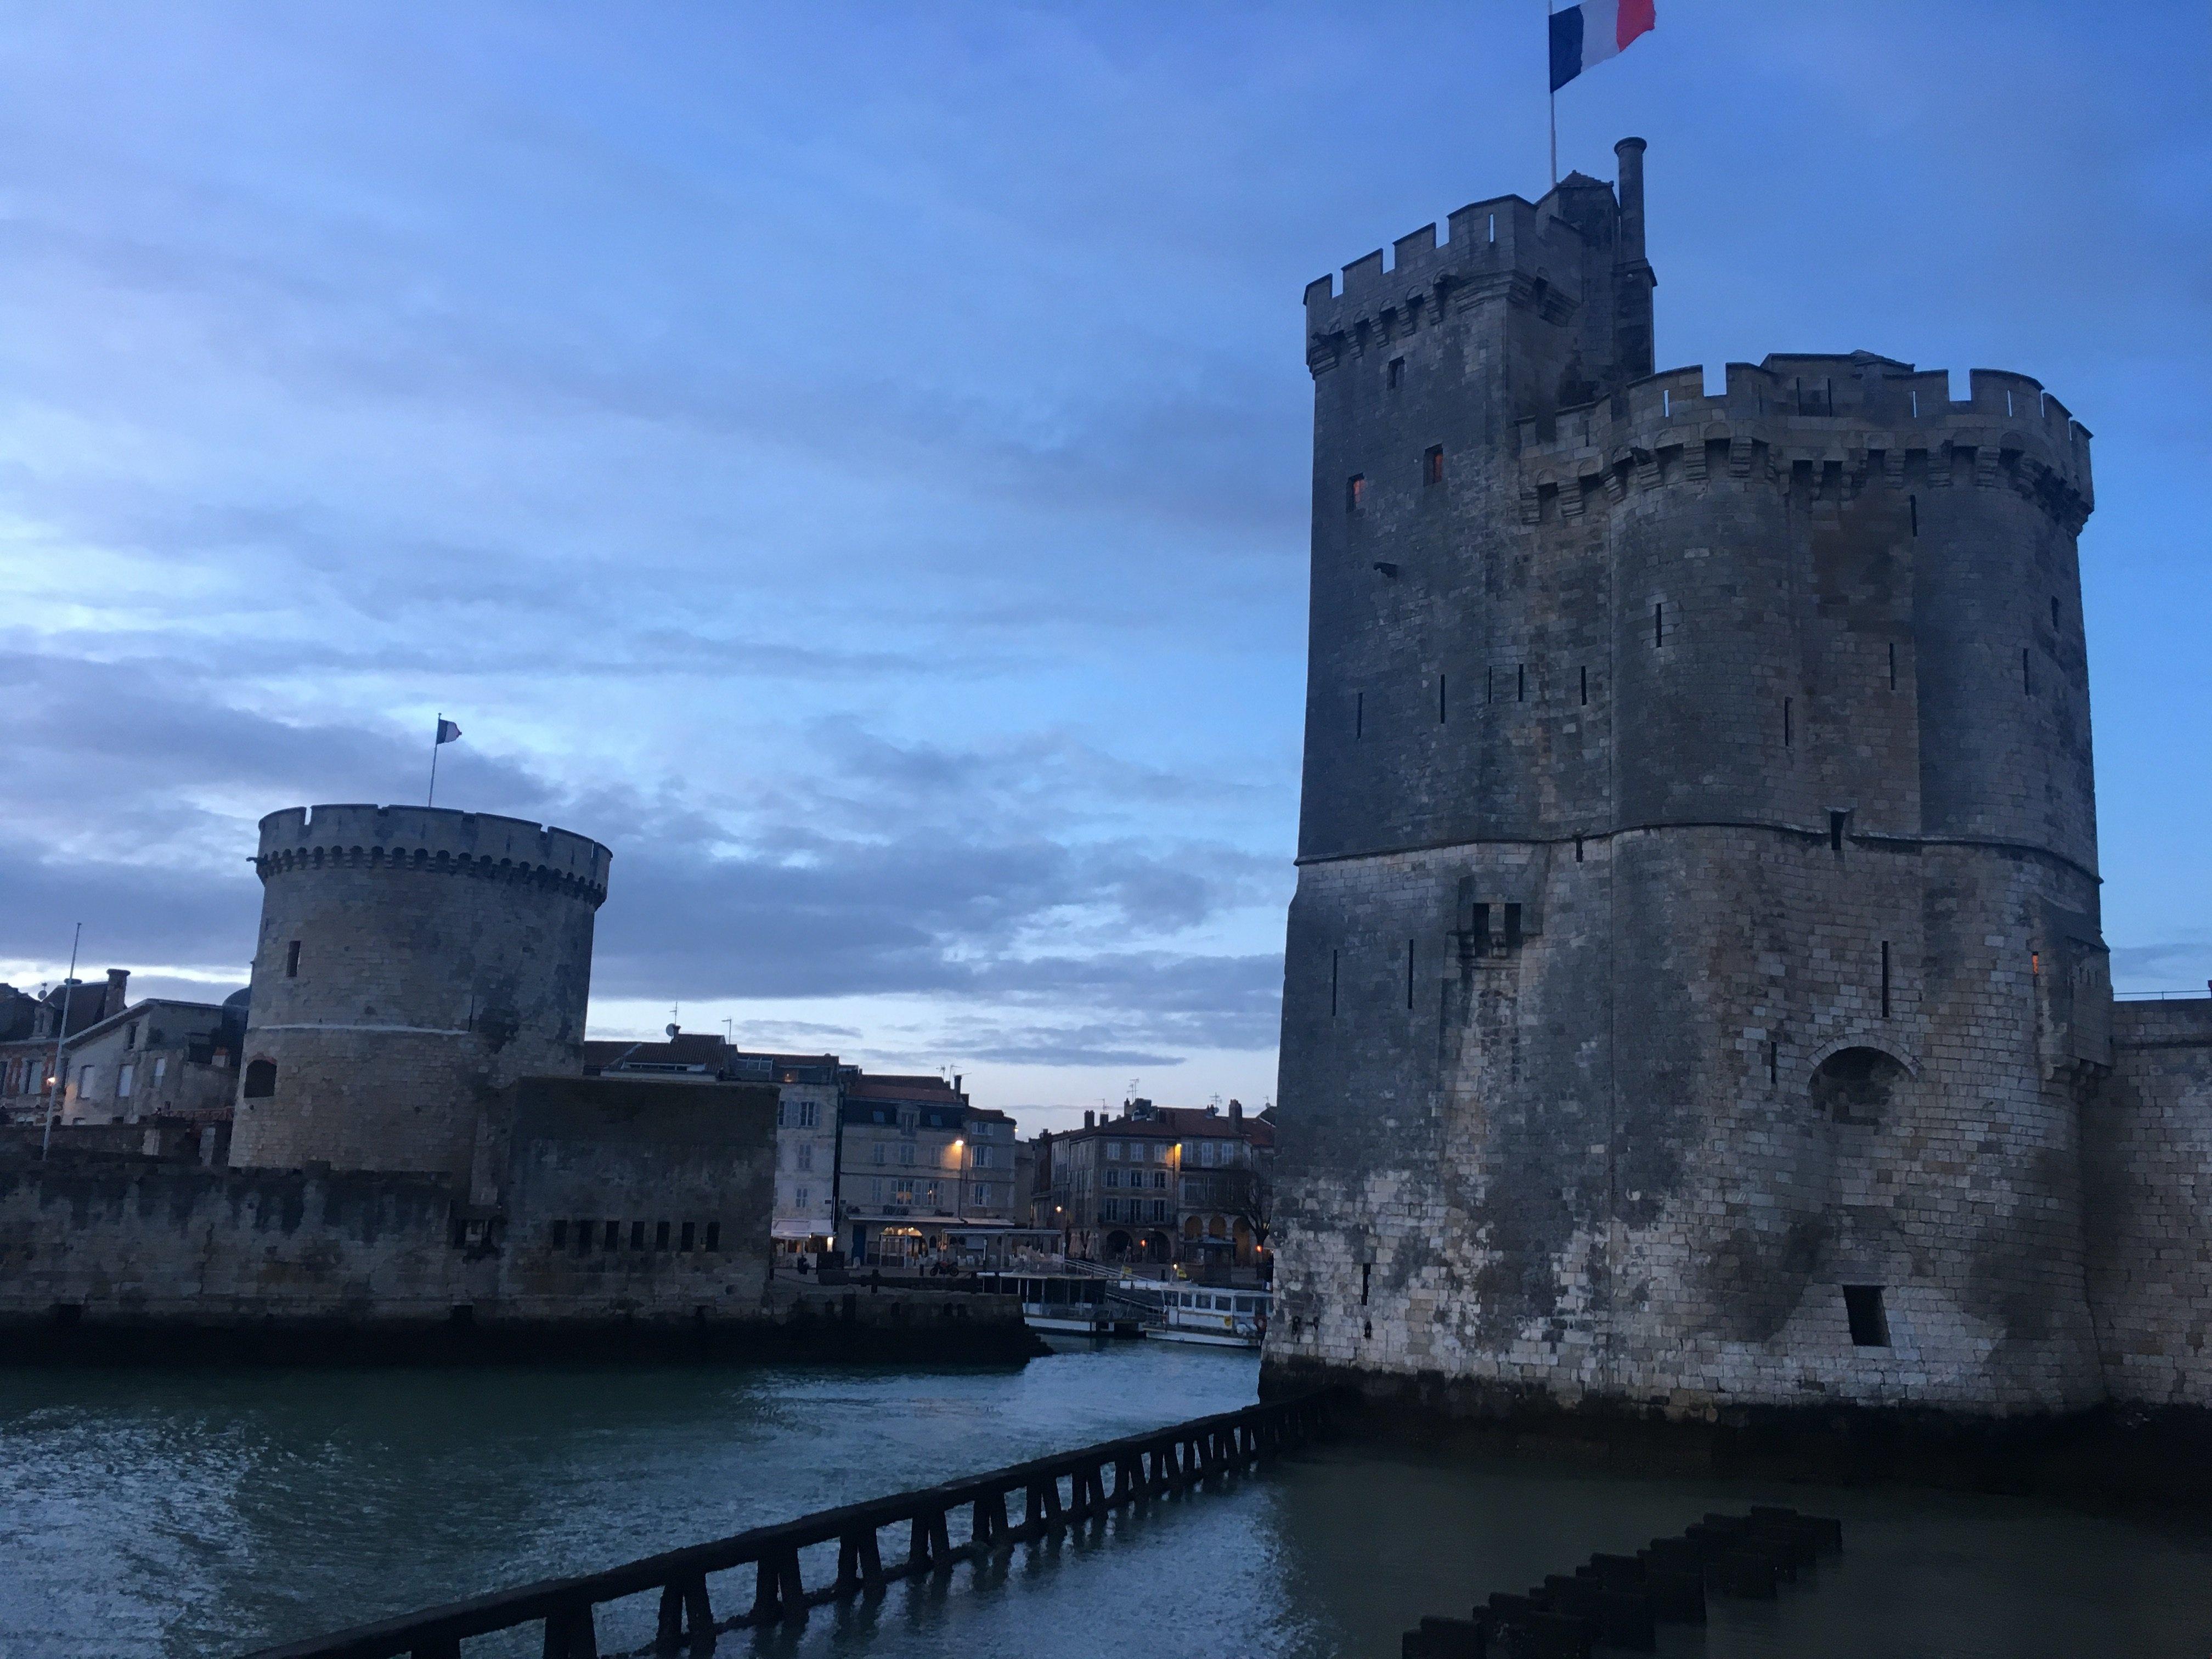 Les deux tours de La Rochelle